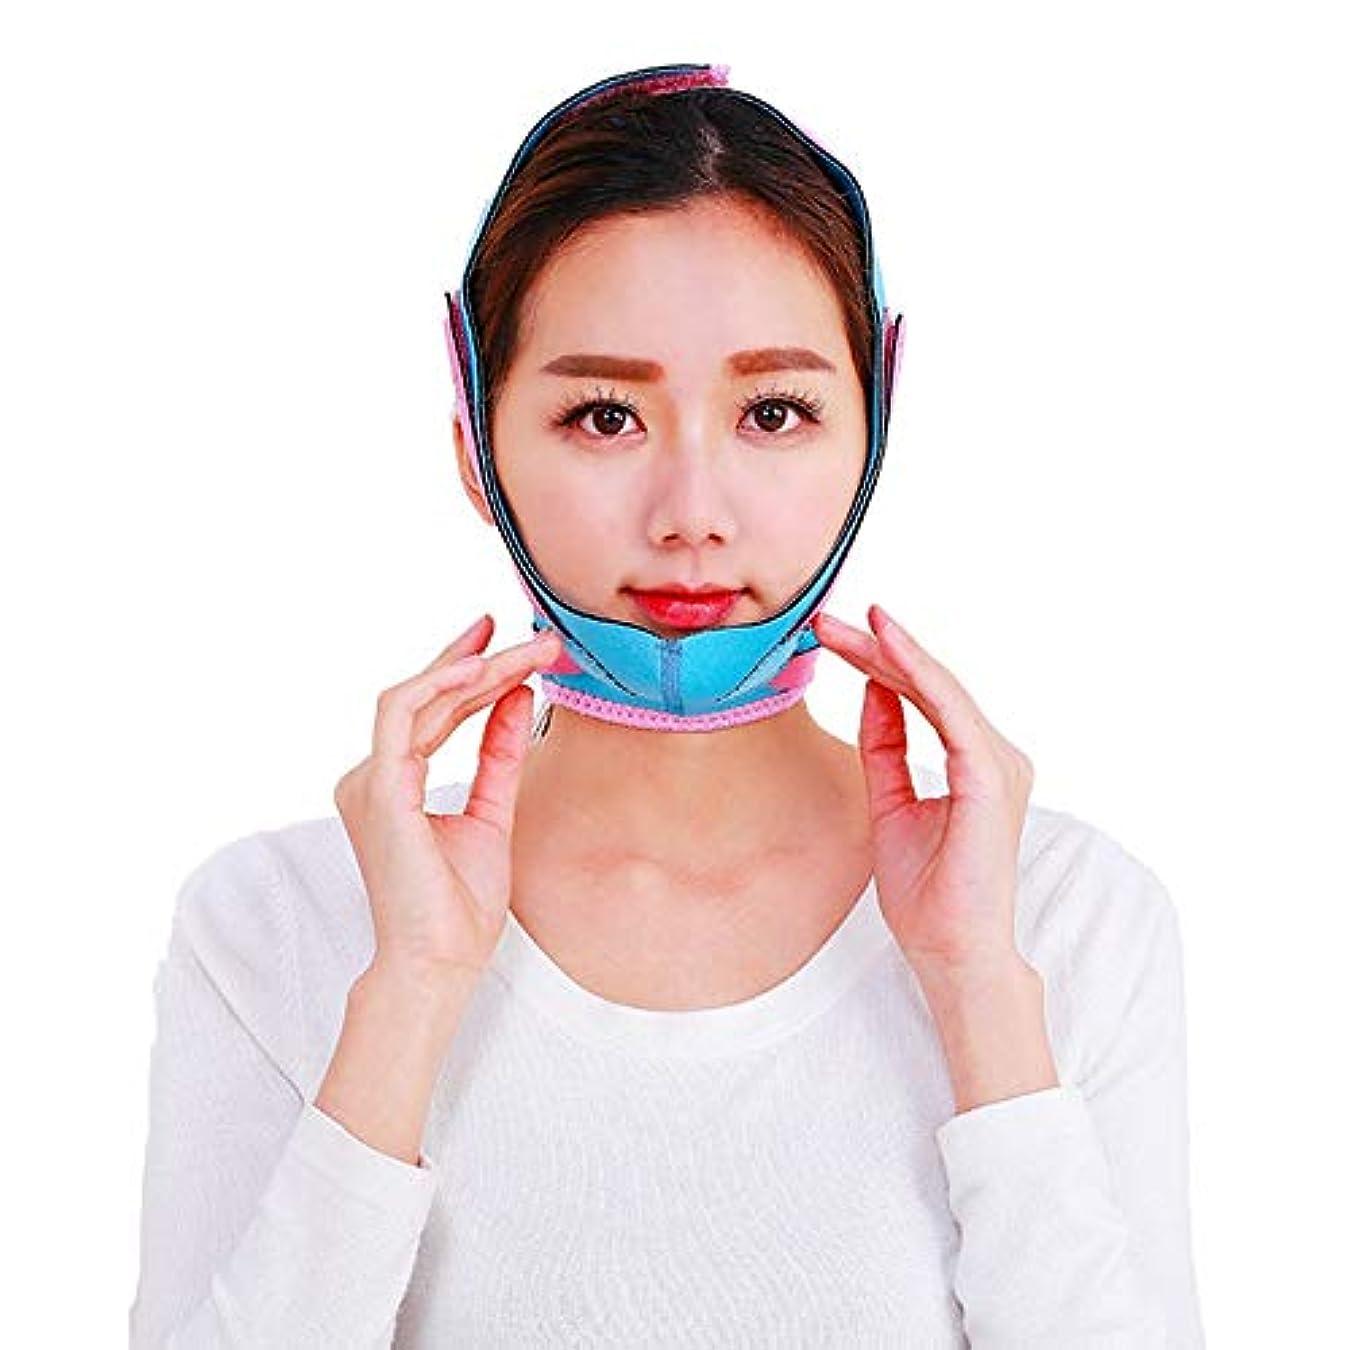 トランペット学者受動的Jia Jia- フェイシャルリフティング痩身ベルトシンフェイス包帯アンチエイジングシワフリーフェイシャルマッサージ整形マスクダブルチンワークアウト 顔面包帯